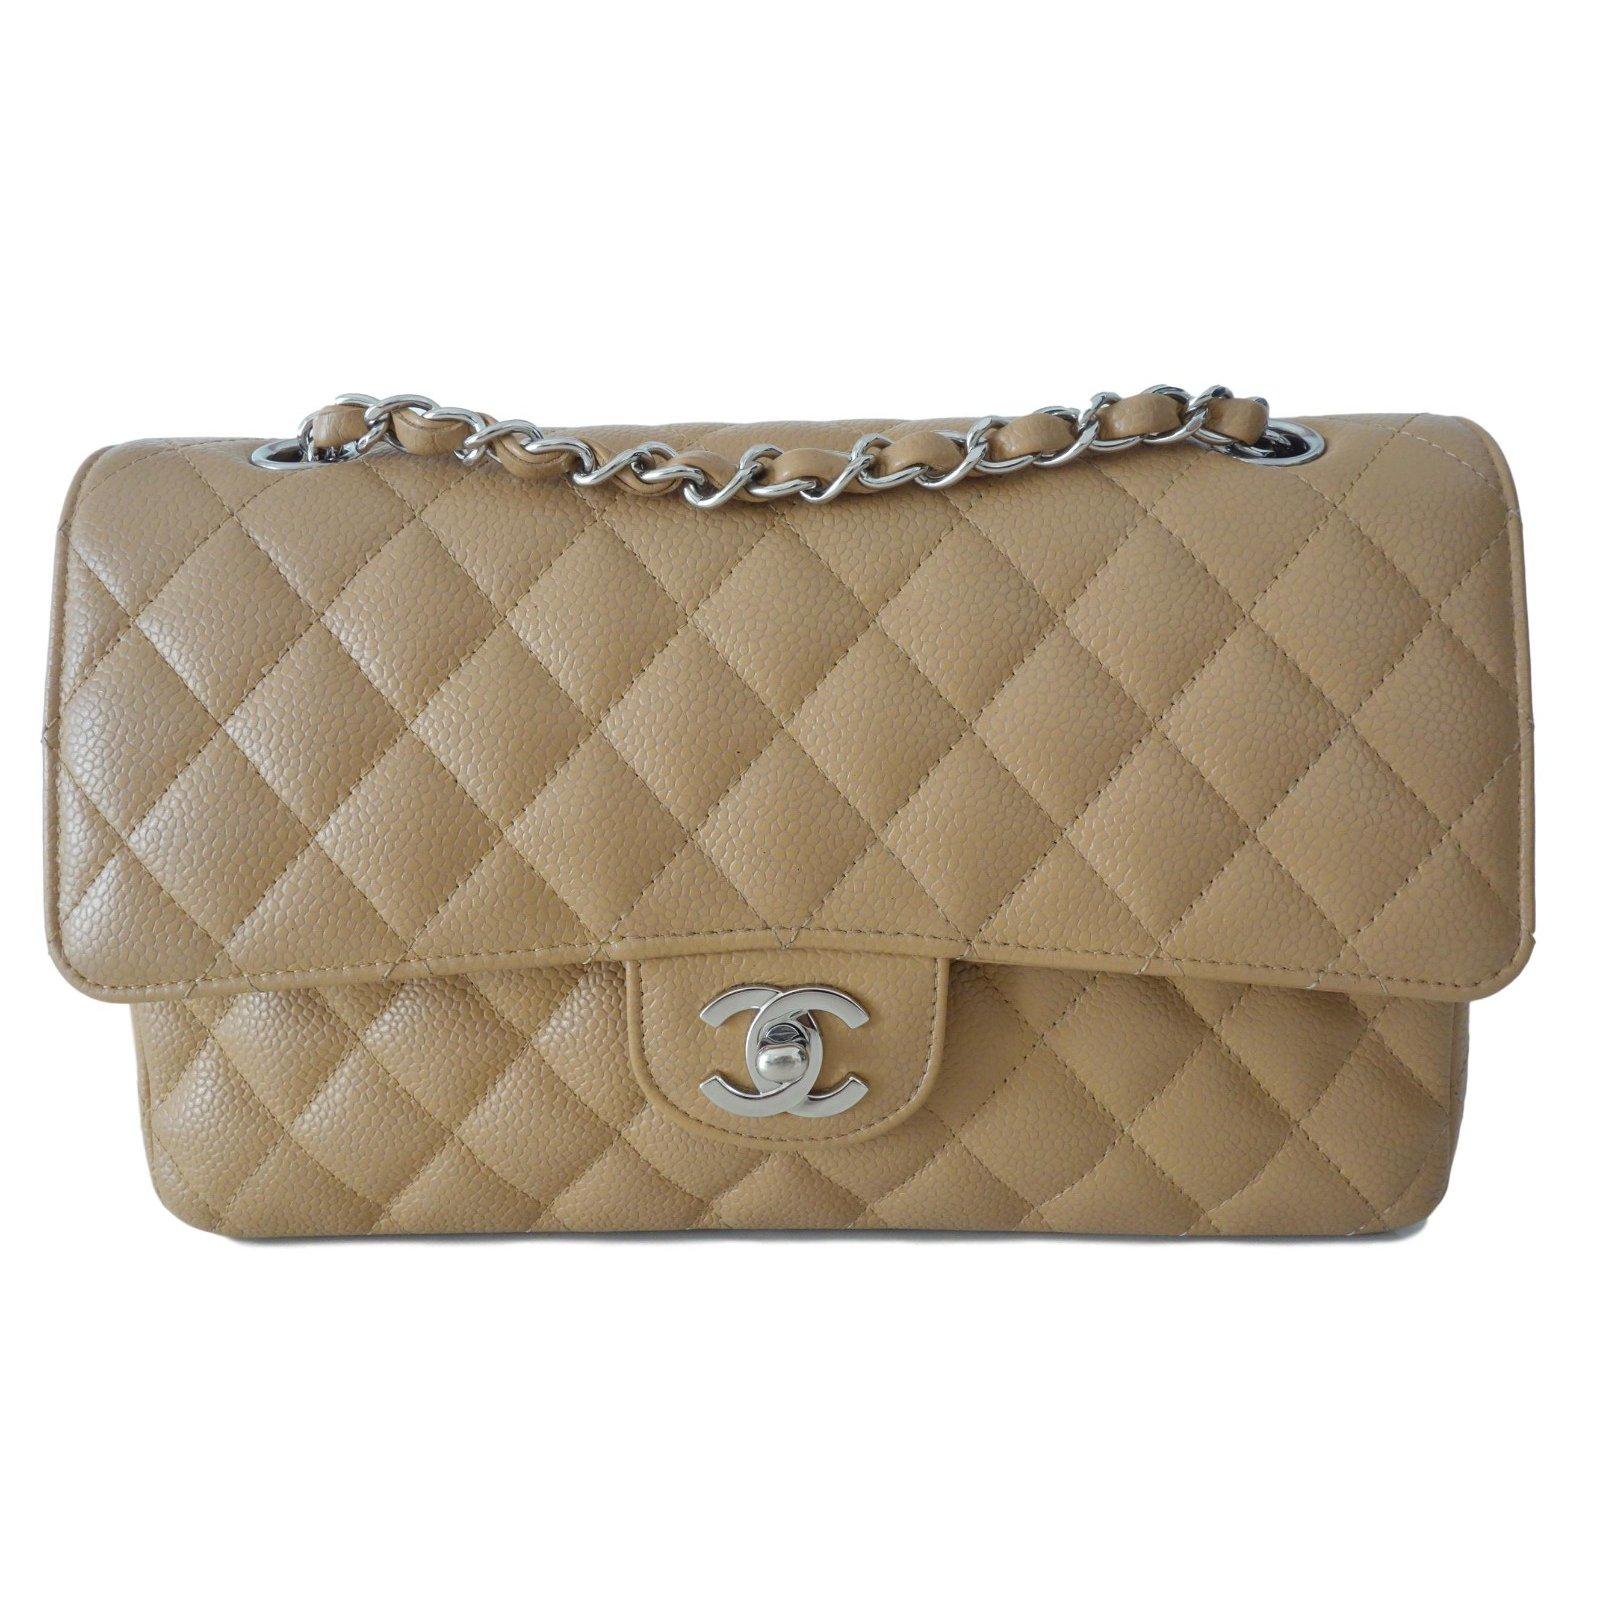 6e99f2cf0e45 Gold Designer Handbags - Foto Handbag All Collections Salonagafiya.Com